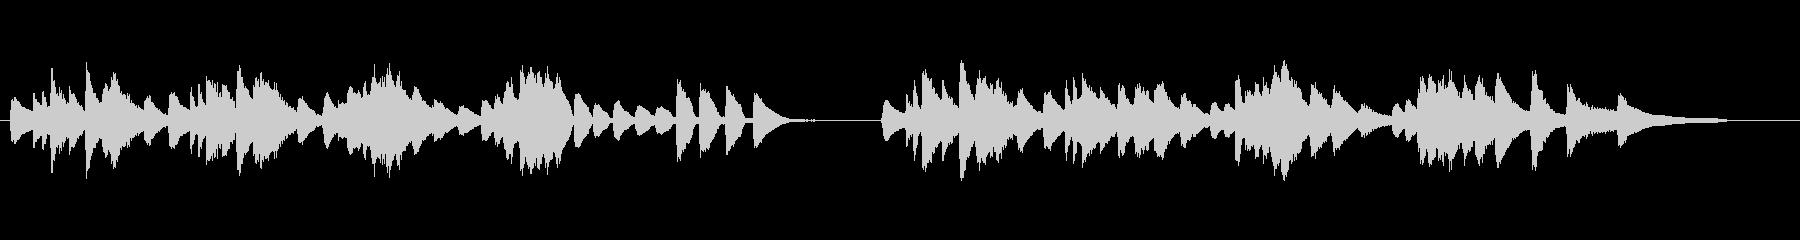 バルトーク「子供のために」17番の未再生の波形